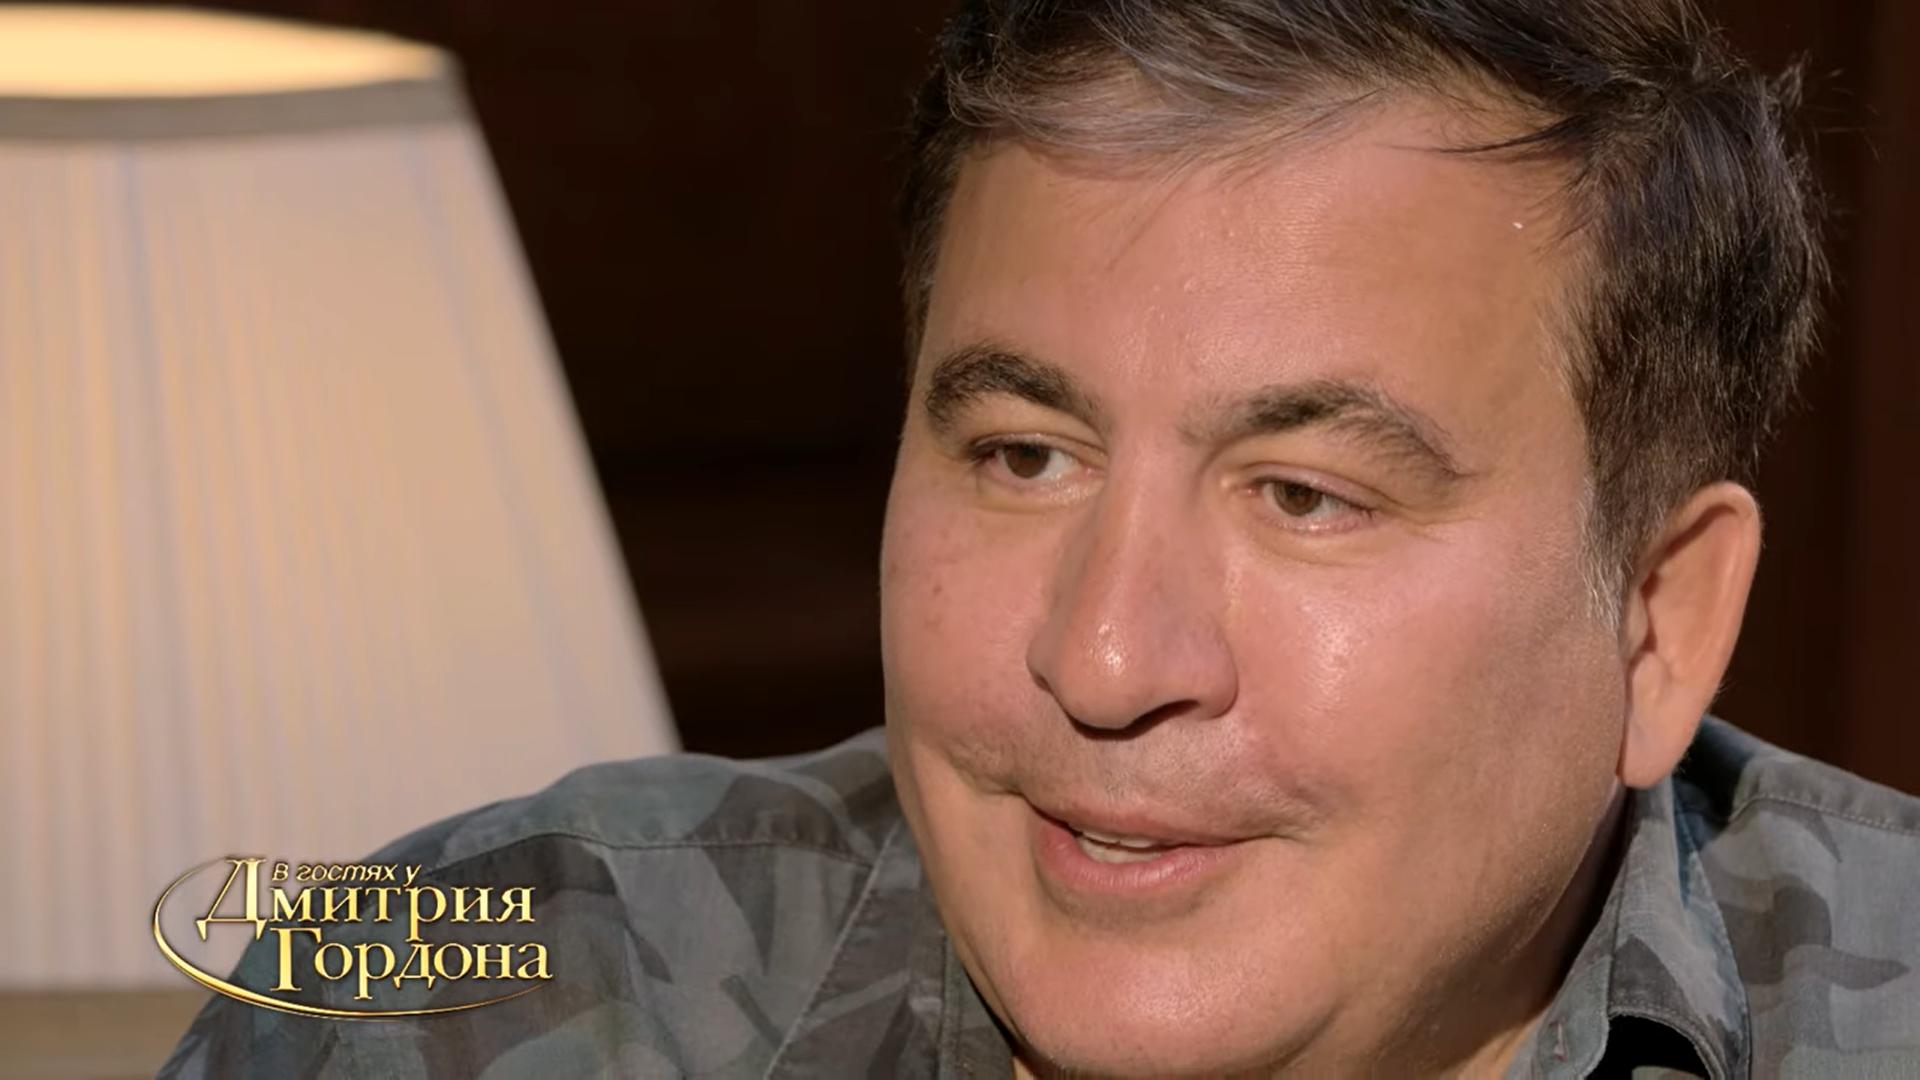 Mikheil Saakashvili 1 Джордж Буш Джордж Буш